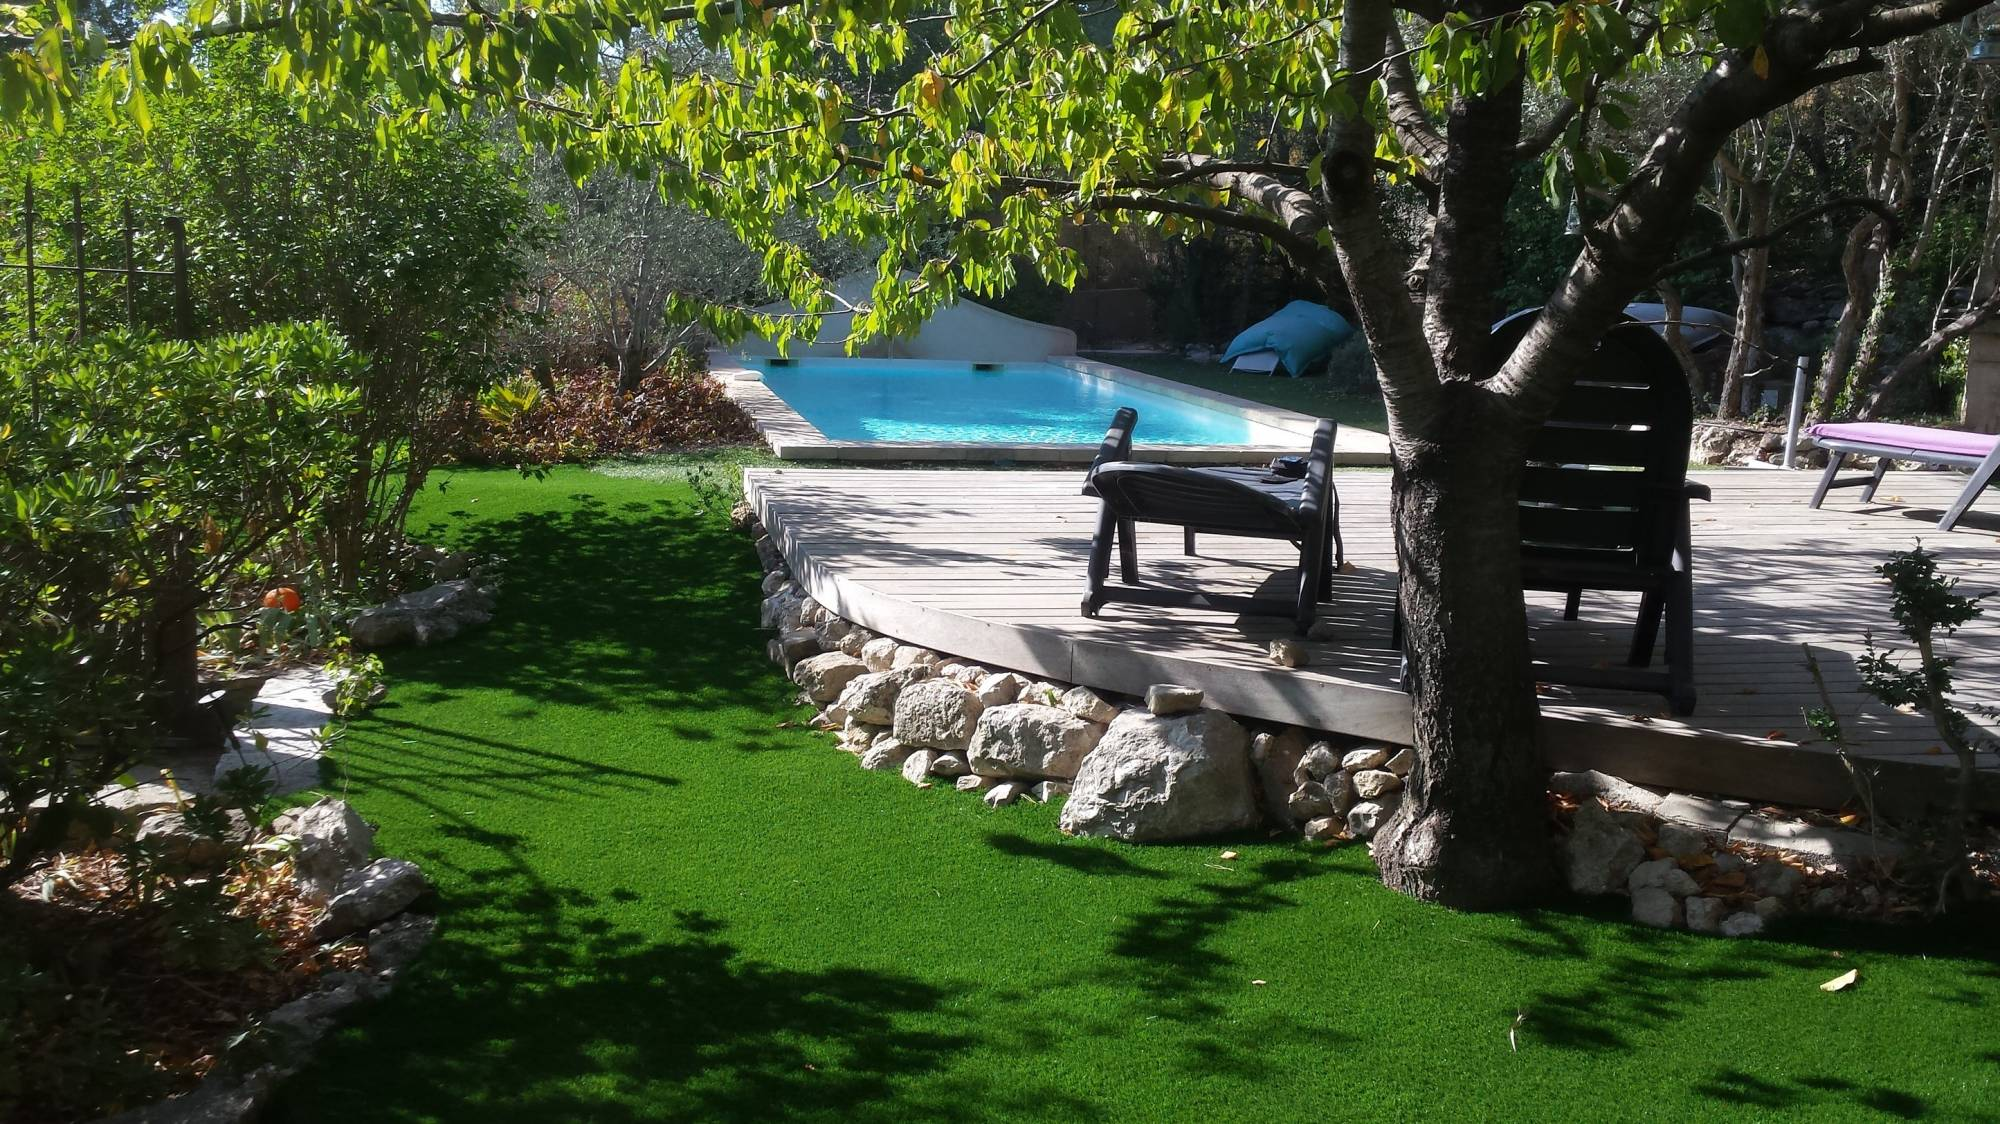 comment choisir un gazon synth tique gazon et pelouse. Black Bedroom Furniture Sets. Home Design Ideas